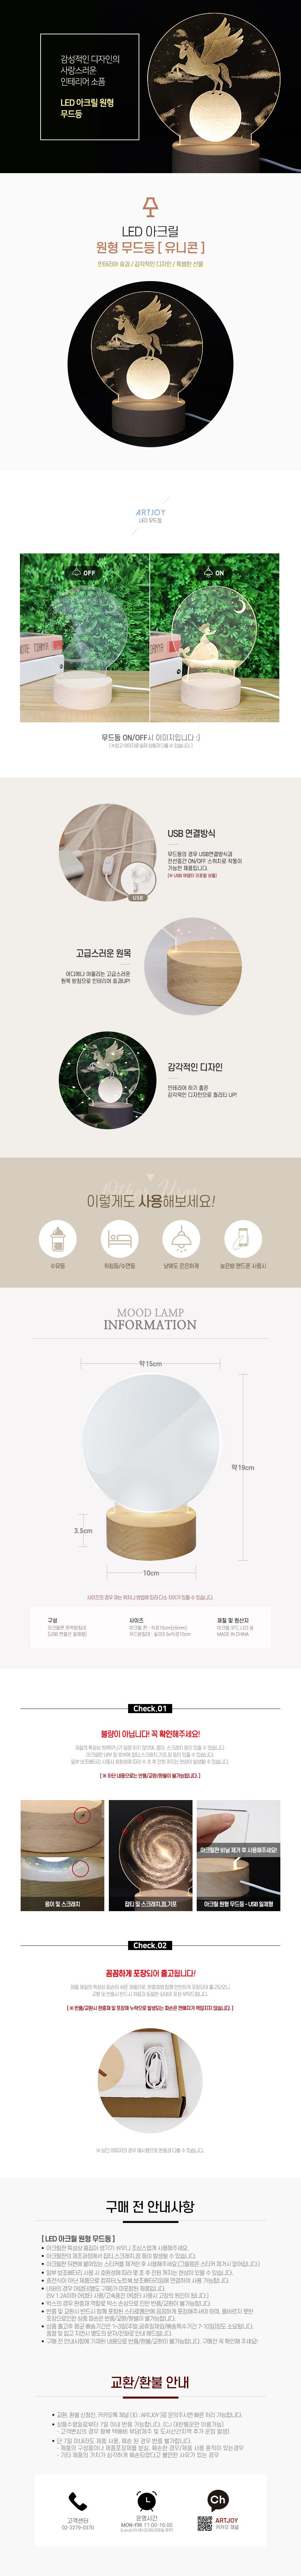 아트조이 LED 아크릴 원형 무드등 (유니콘) - 아트조이, 19,000원, 디자인조명, 아크릴 무드등